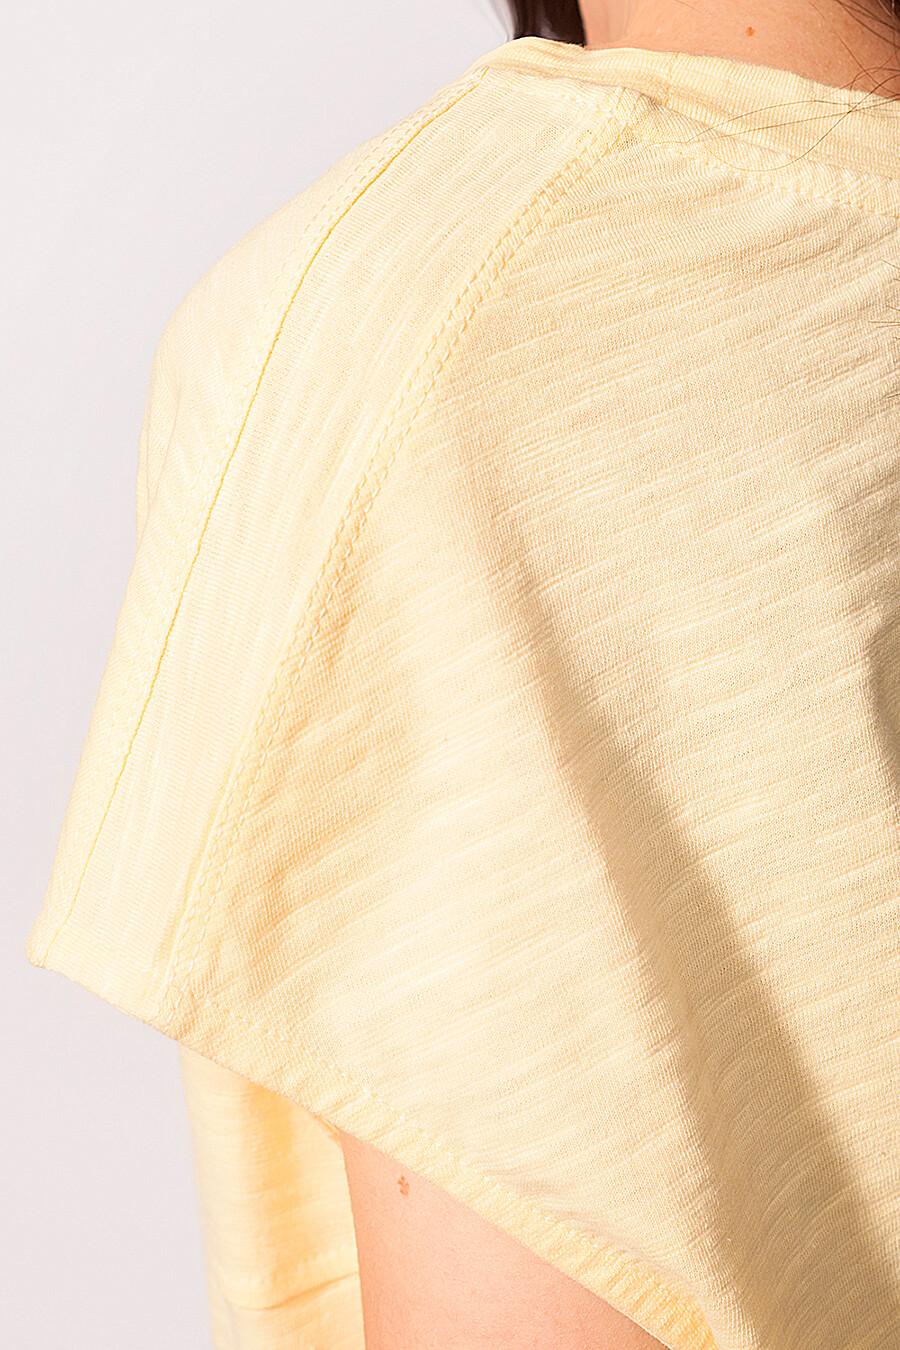 Футболка для женщин VILATTE 668639 купить оптом от производителя. Совместная покупка женской одежды в OptMoyo